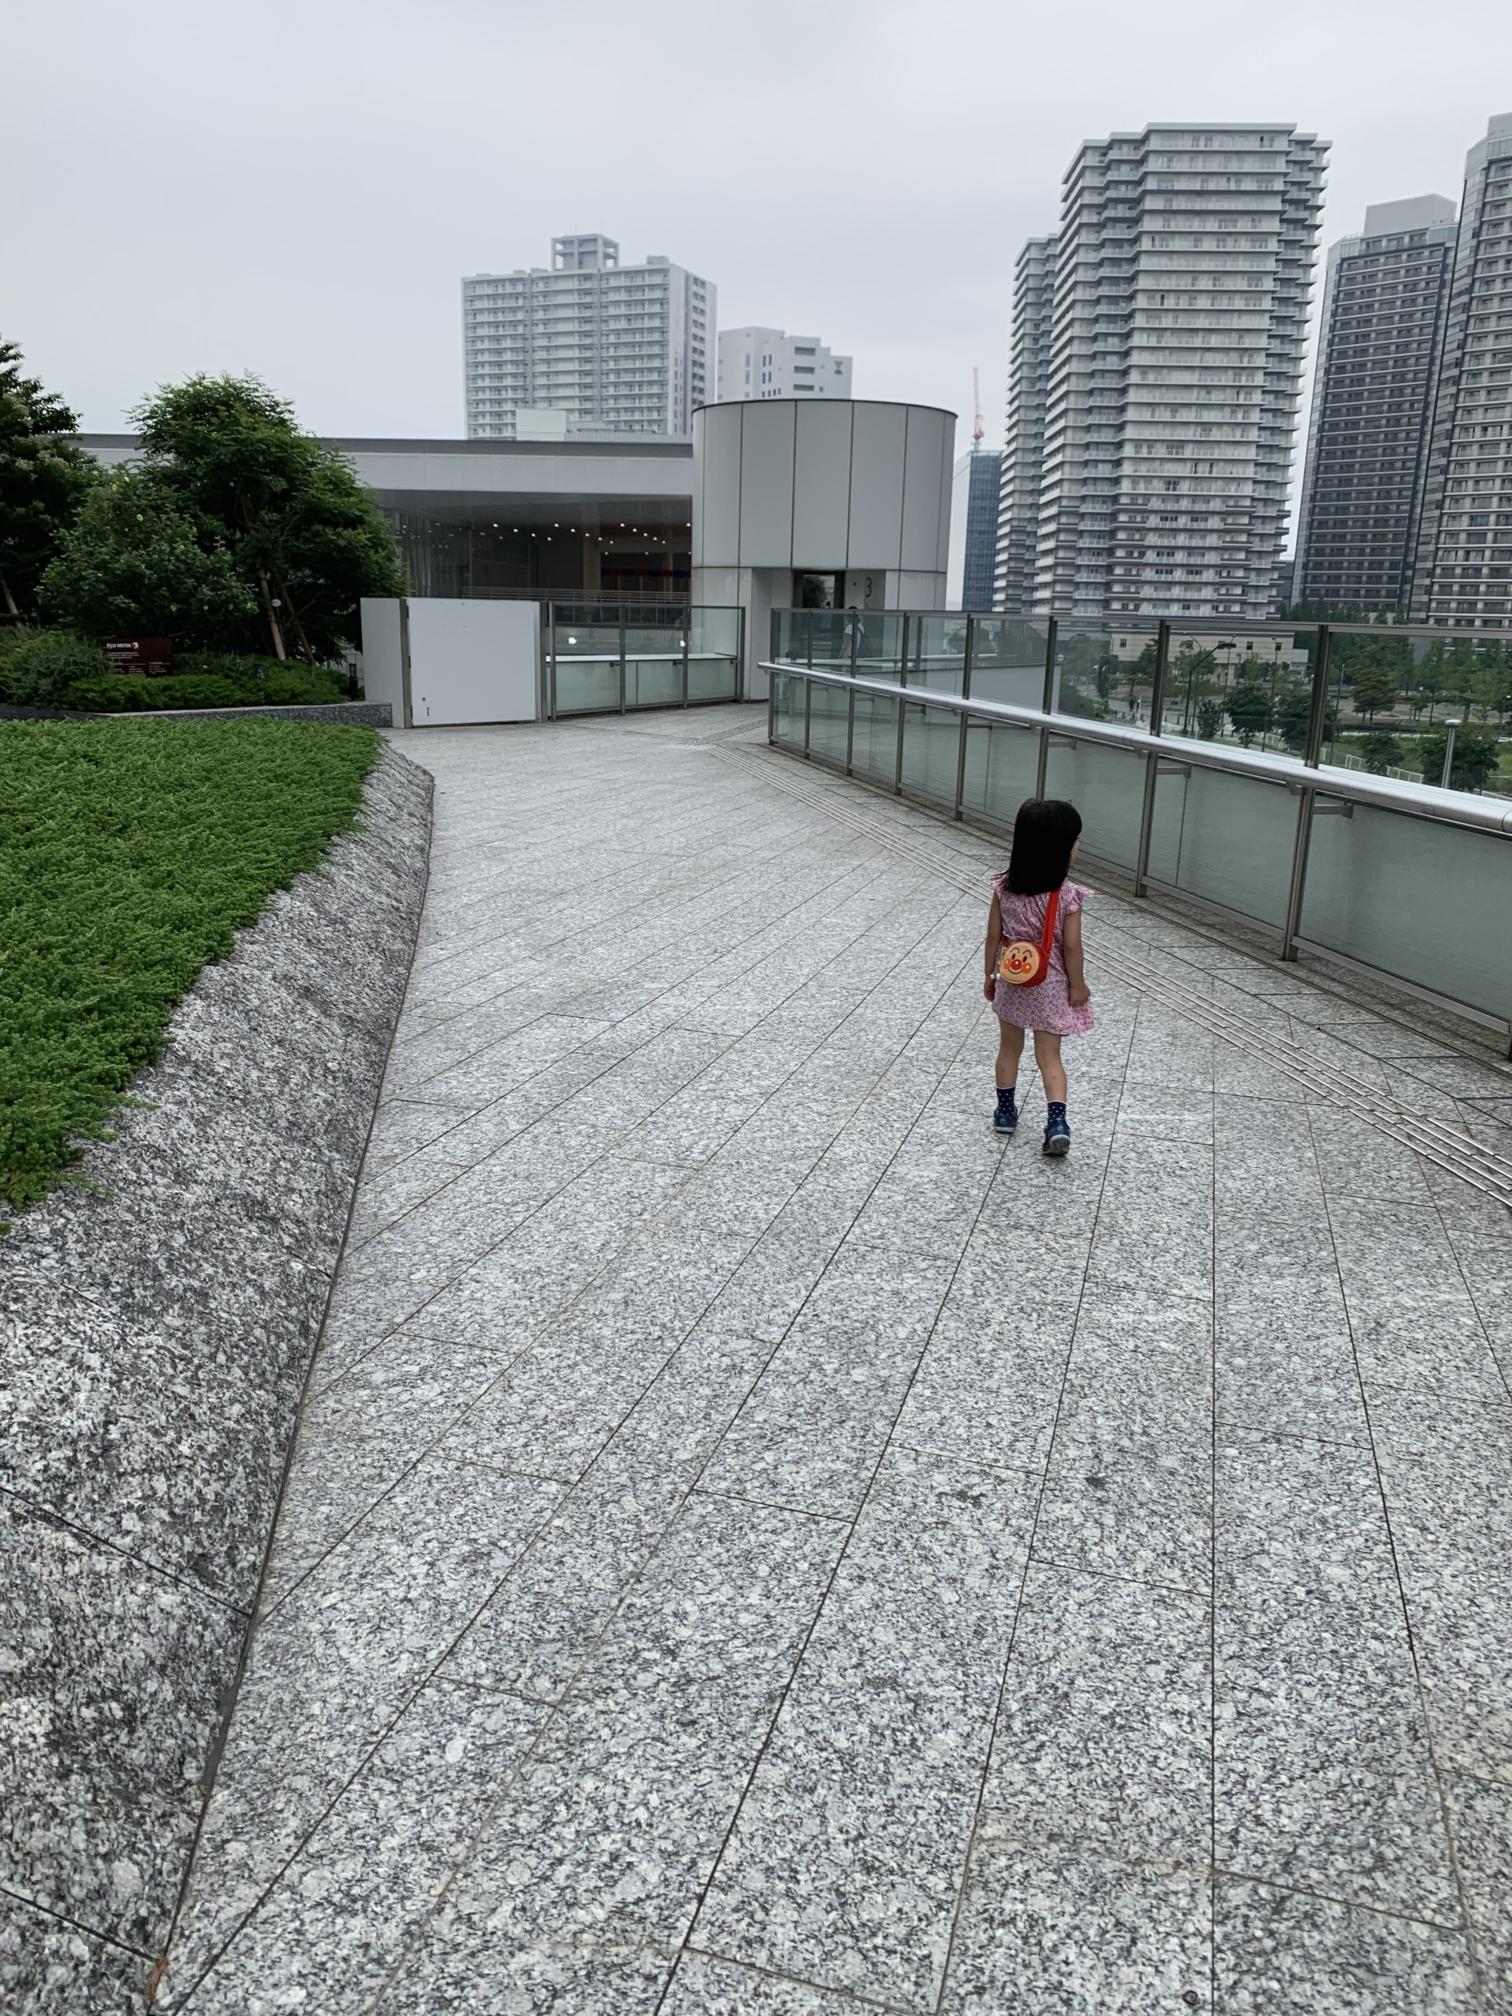 アンパンマンミュージアム【アクセス】日産グローバルギャラリーを抜ける